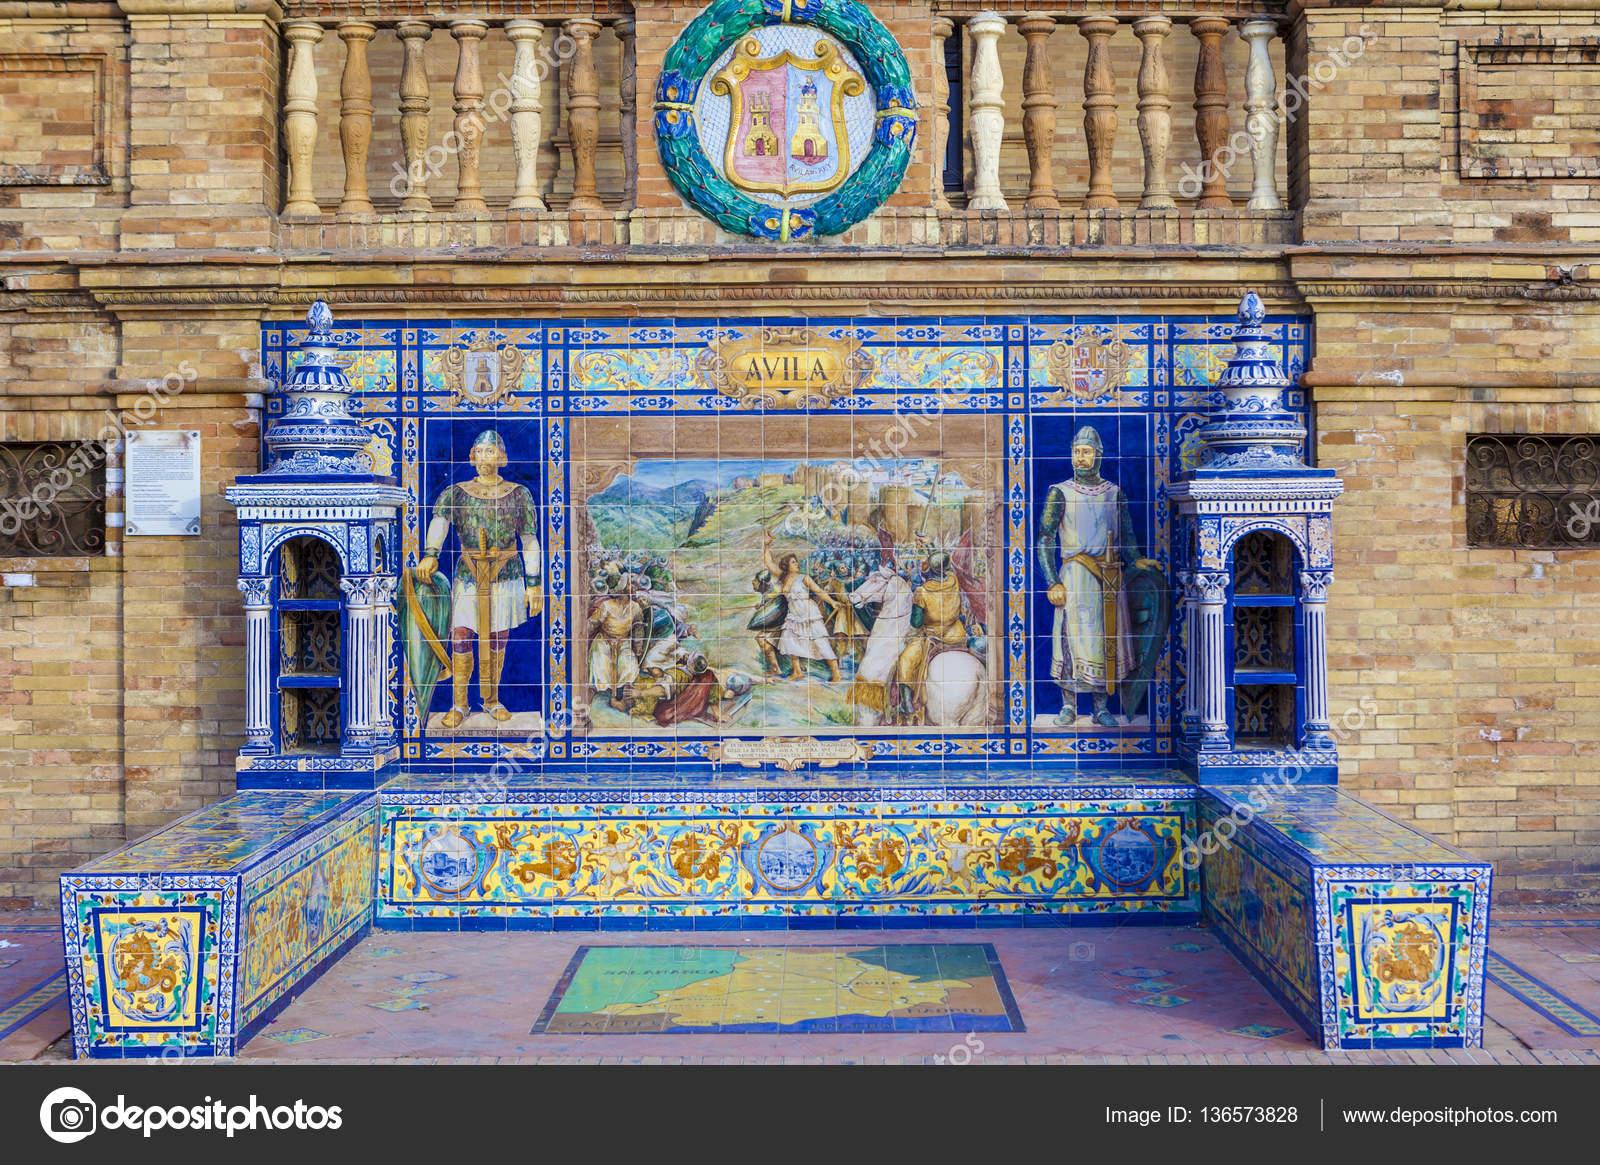 provincia de vila esmaltado de azulejos banco en plaza